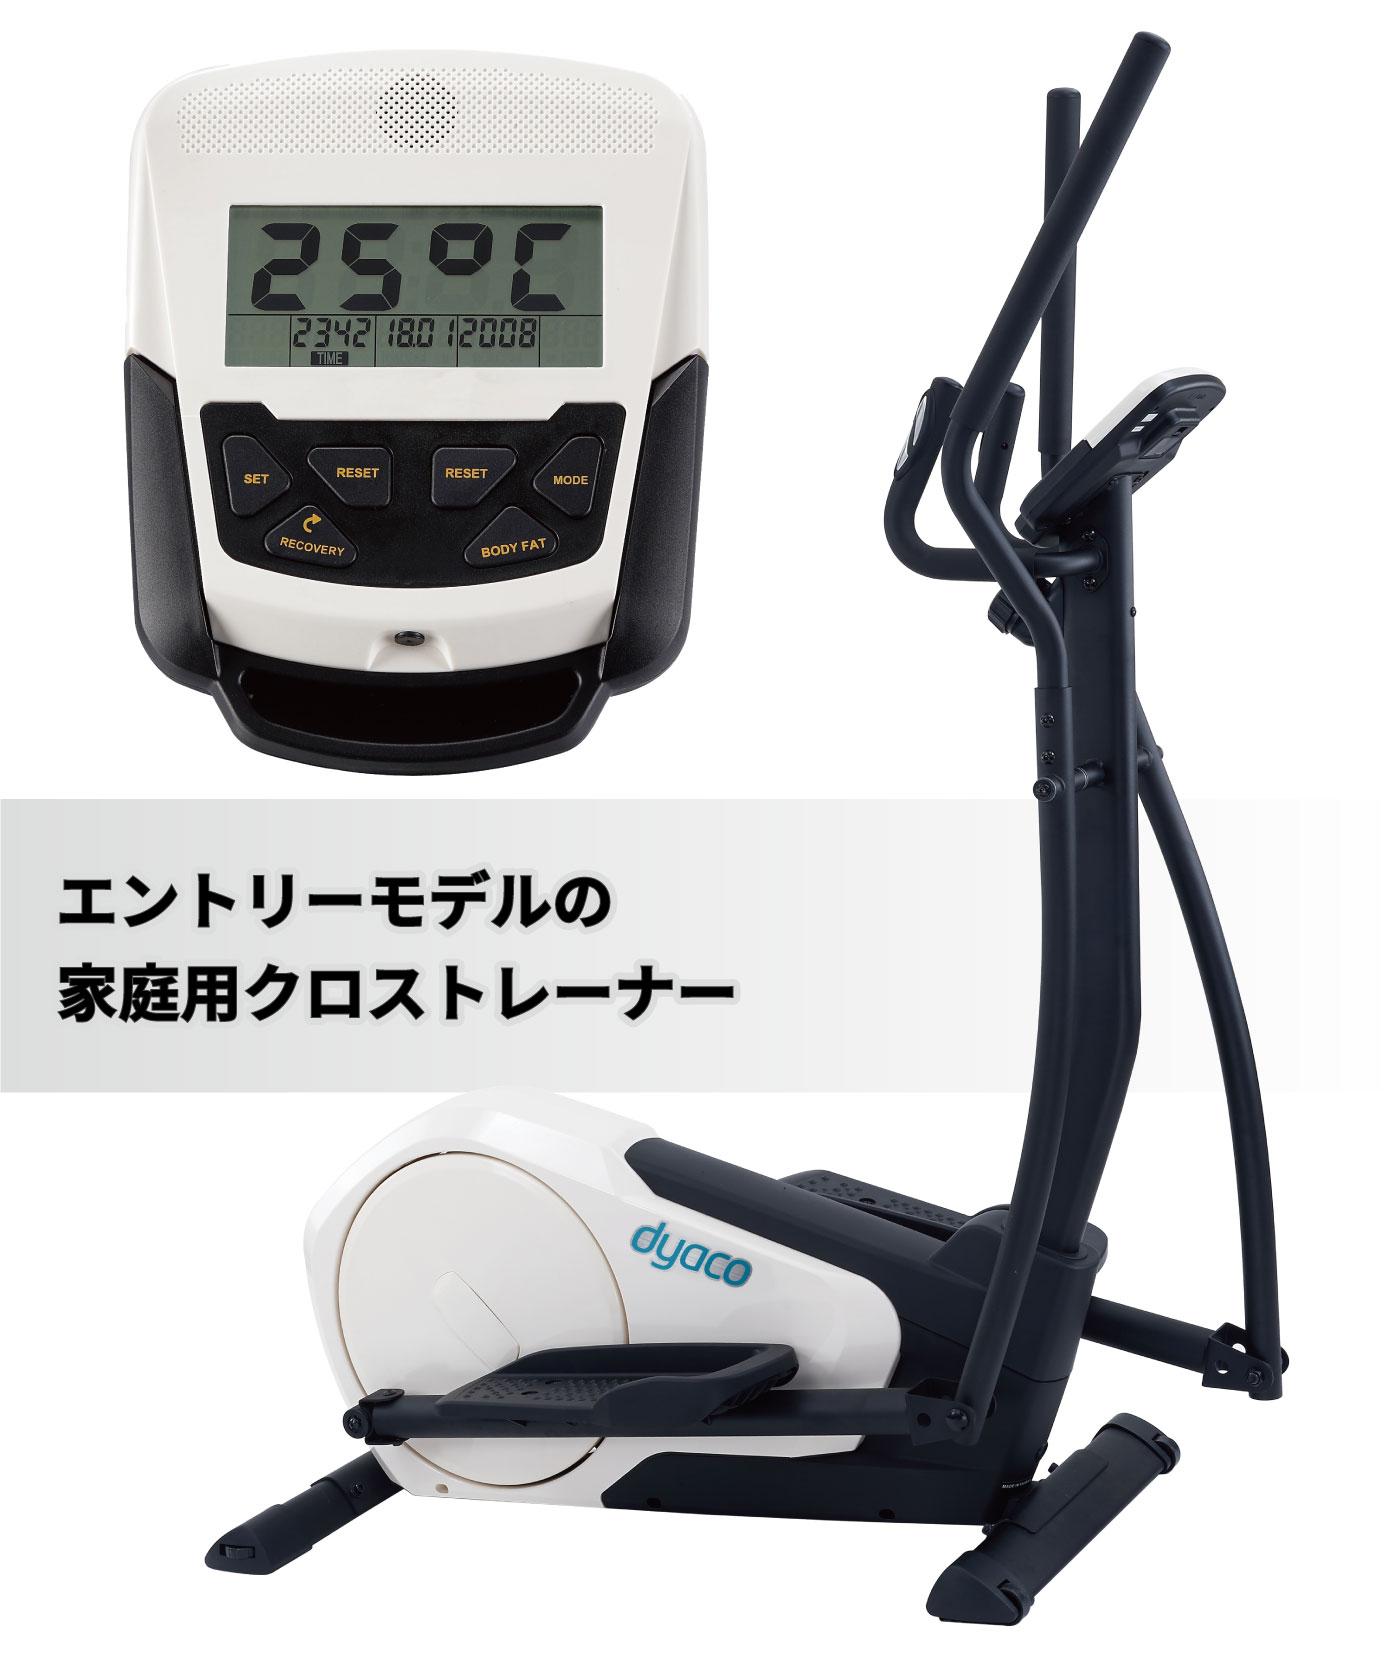 全身運動で効率良くエクササイズ